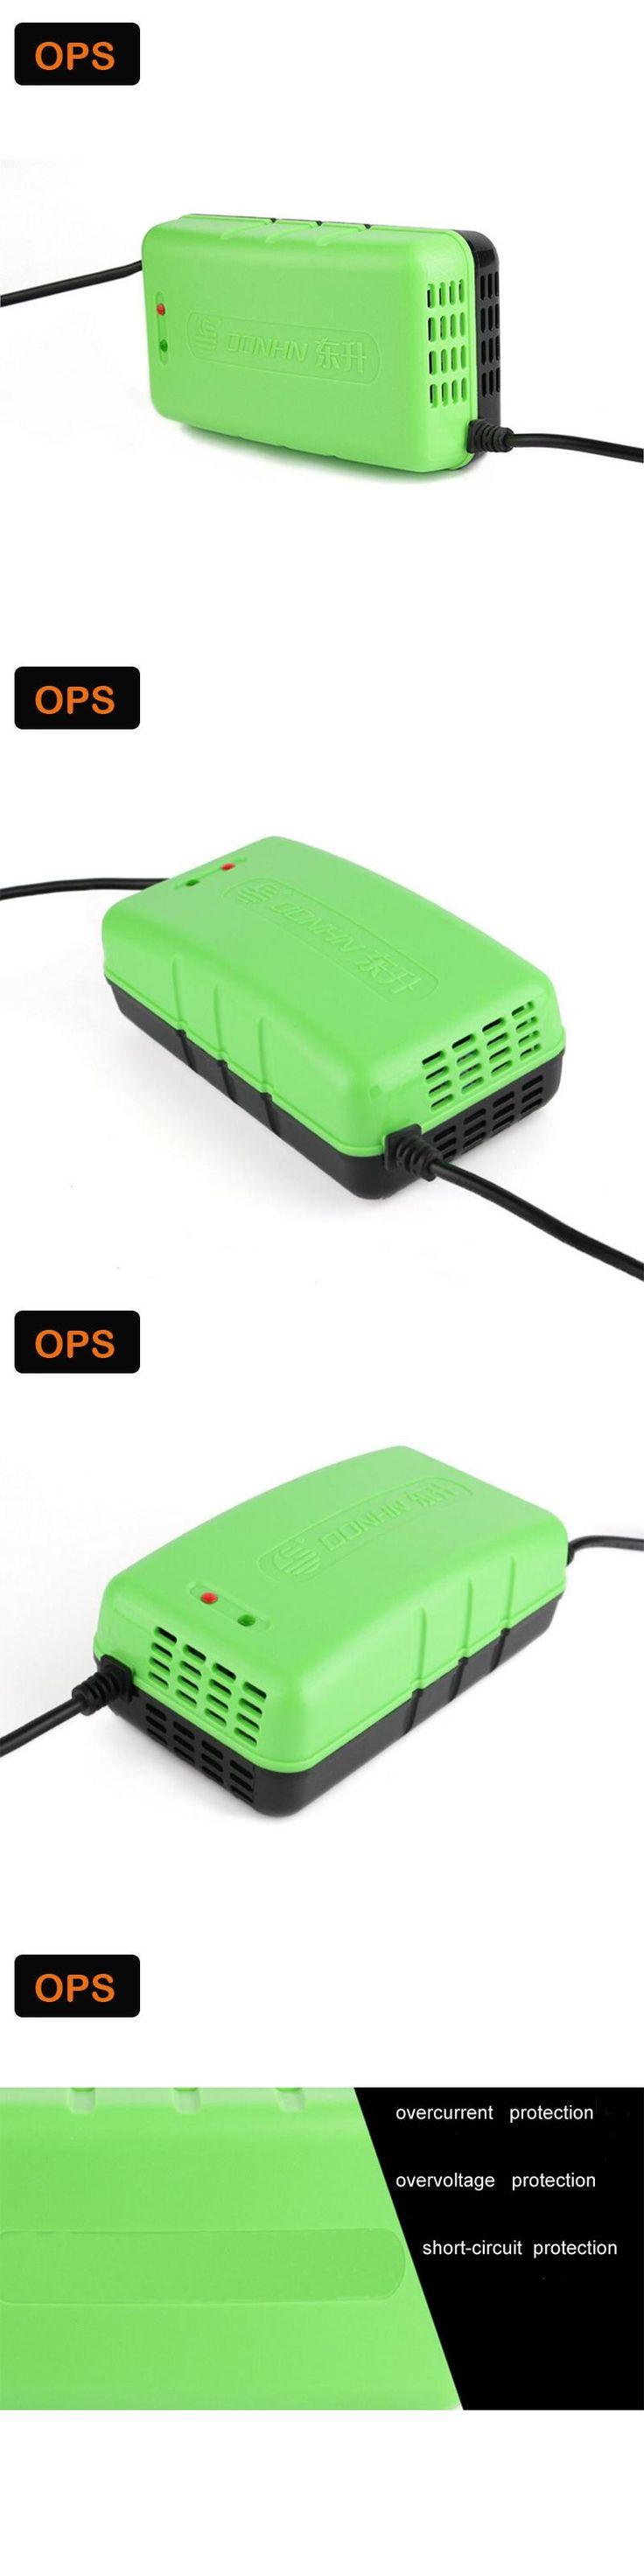 New LED display smart pulse repair function 64V 14AH Lead Acid Battery charger&Lood-zurr batterijen Acculader voor 220V input